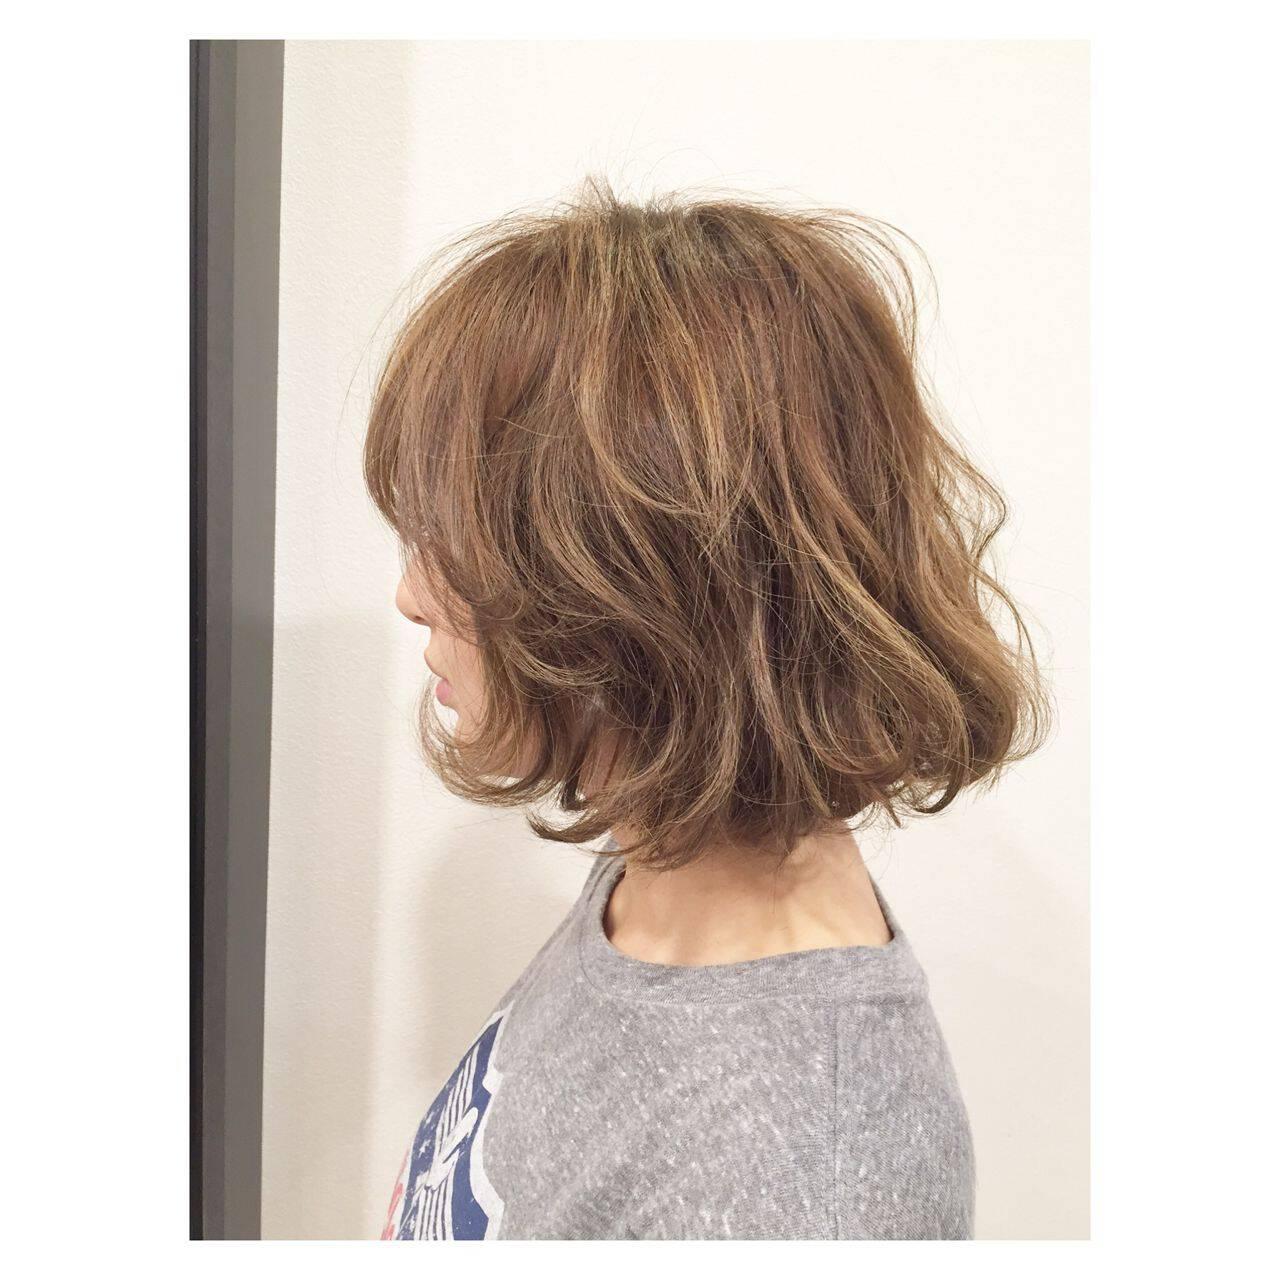 ストリート ボブ ウェットヘアヘアスタイルや髪型の写真・画像